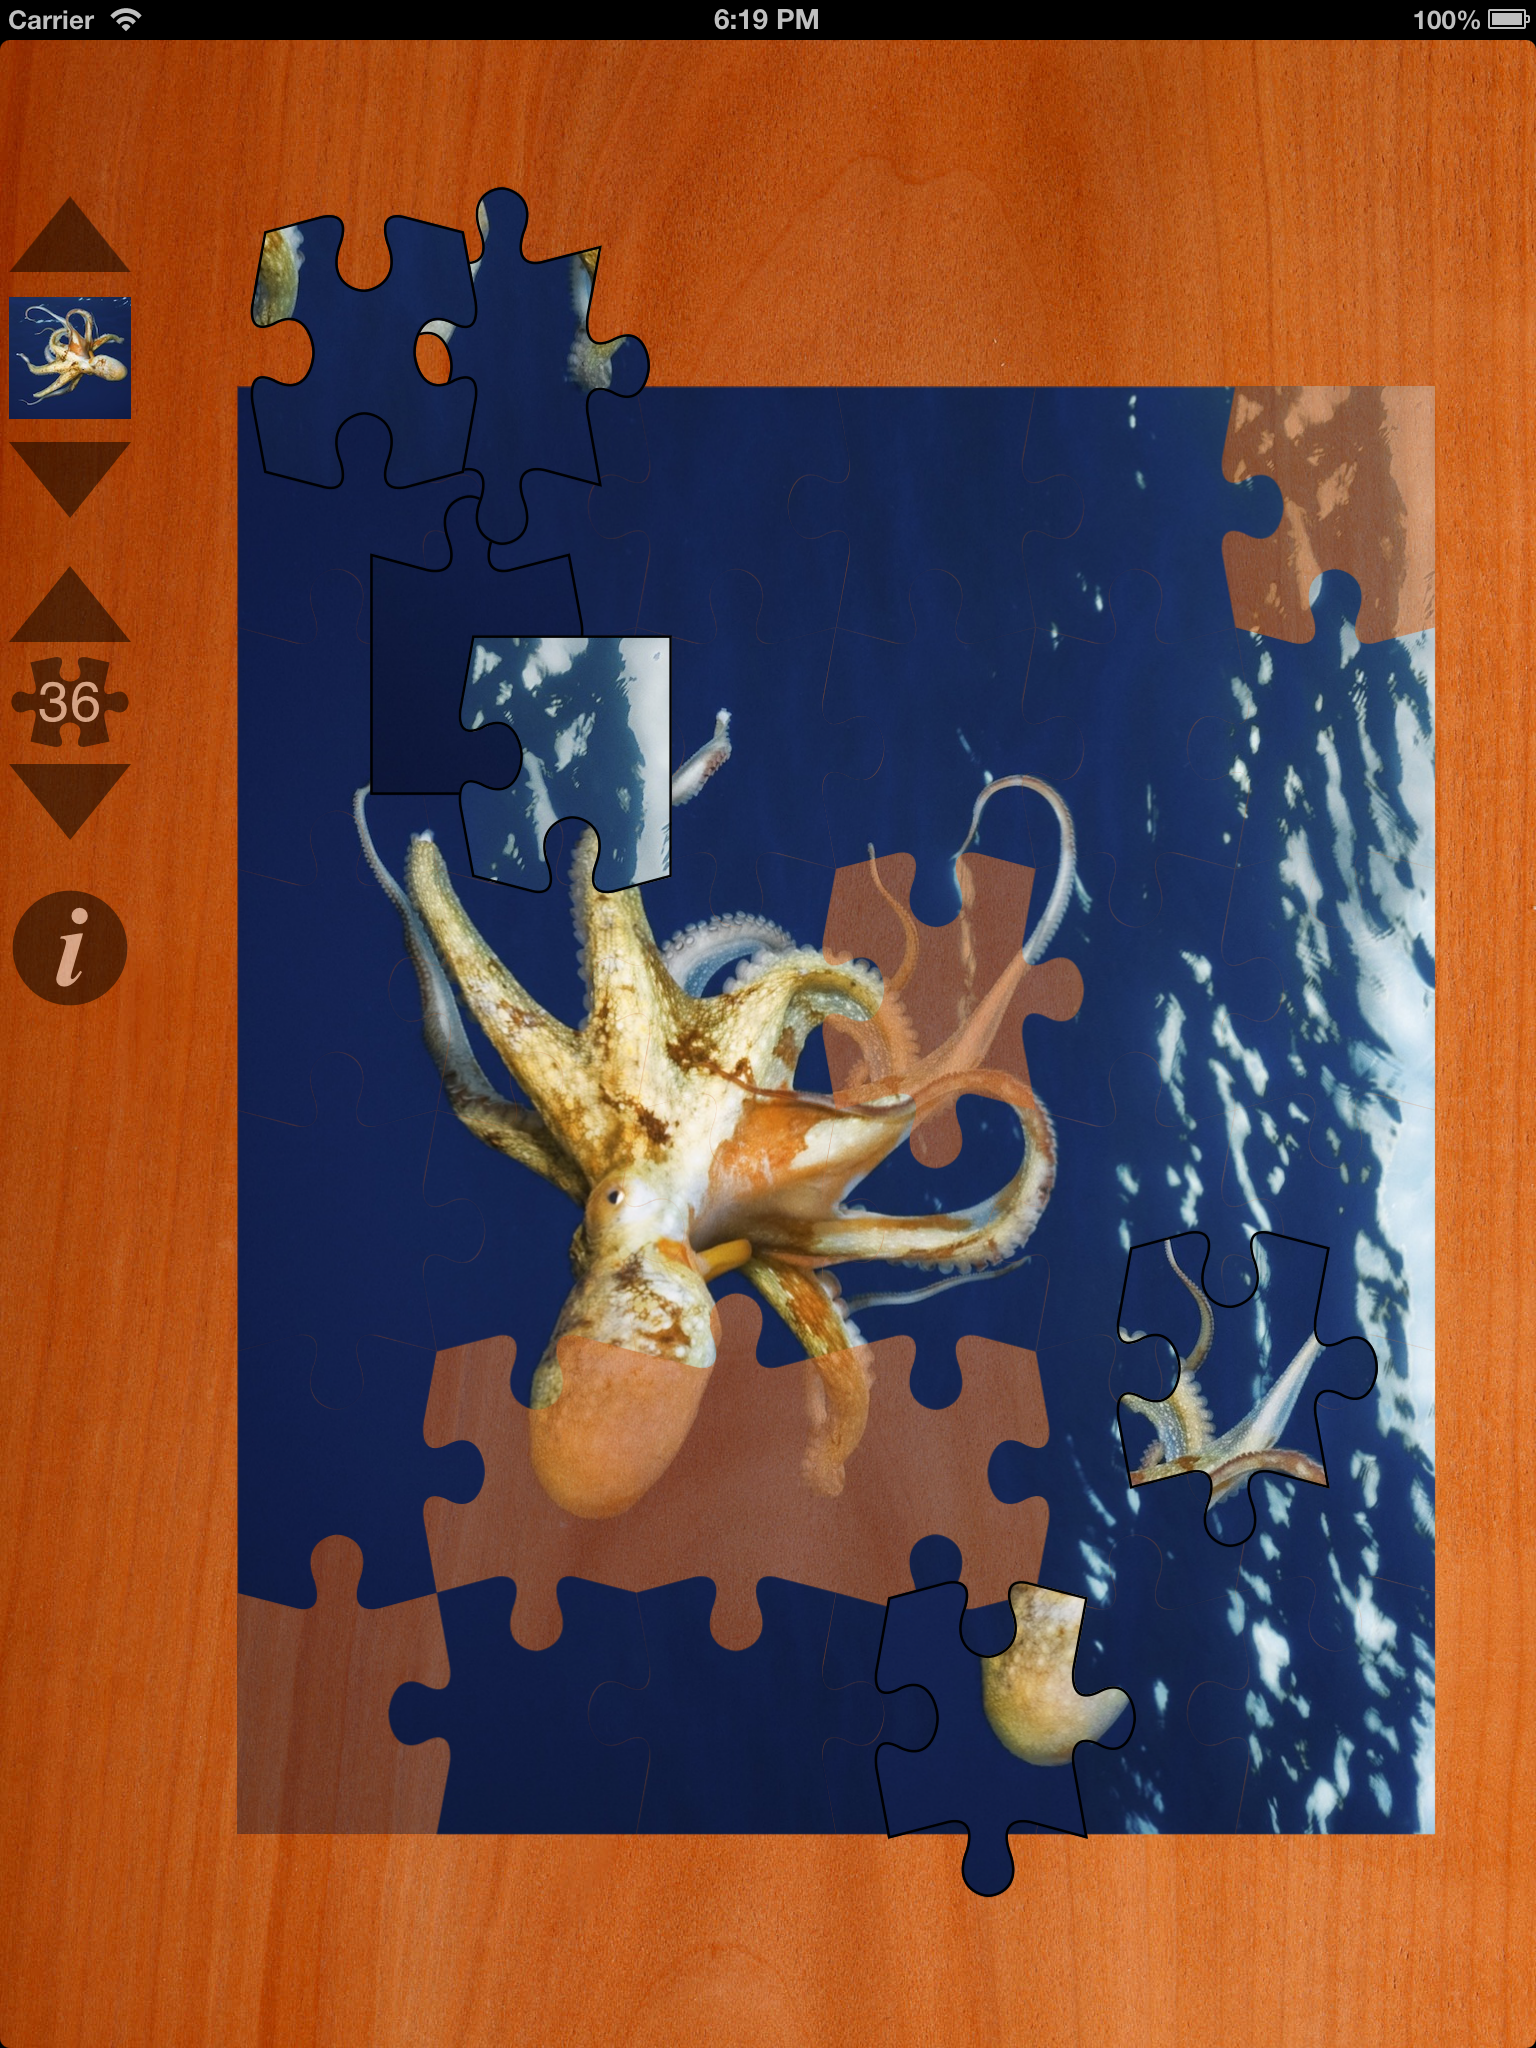 iOS Simulator Screen shot Jan 25, 2013 6.19.22 PM.png